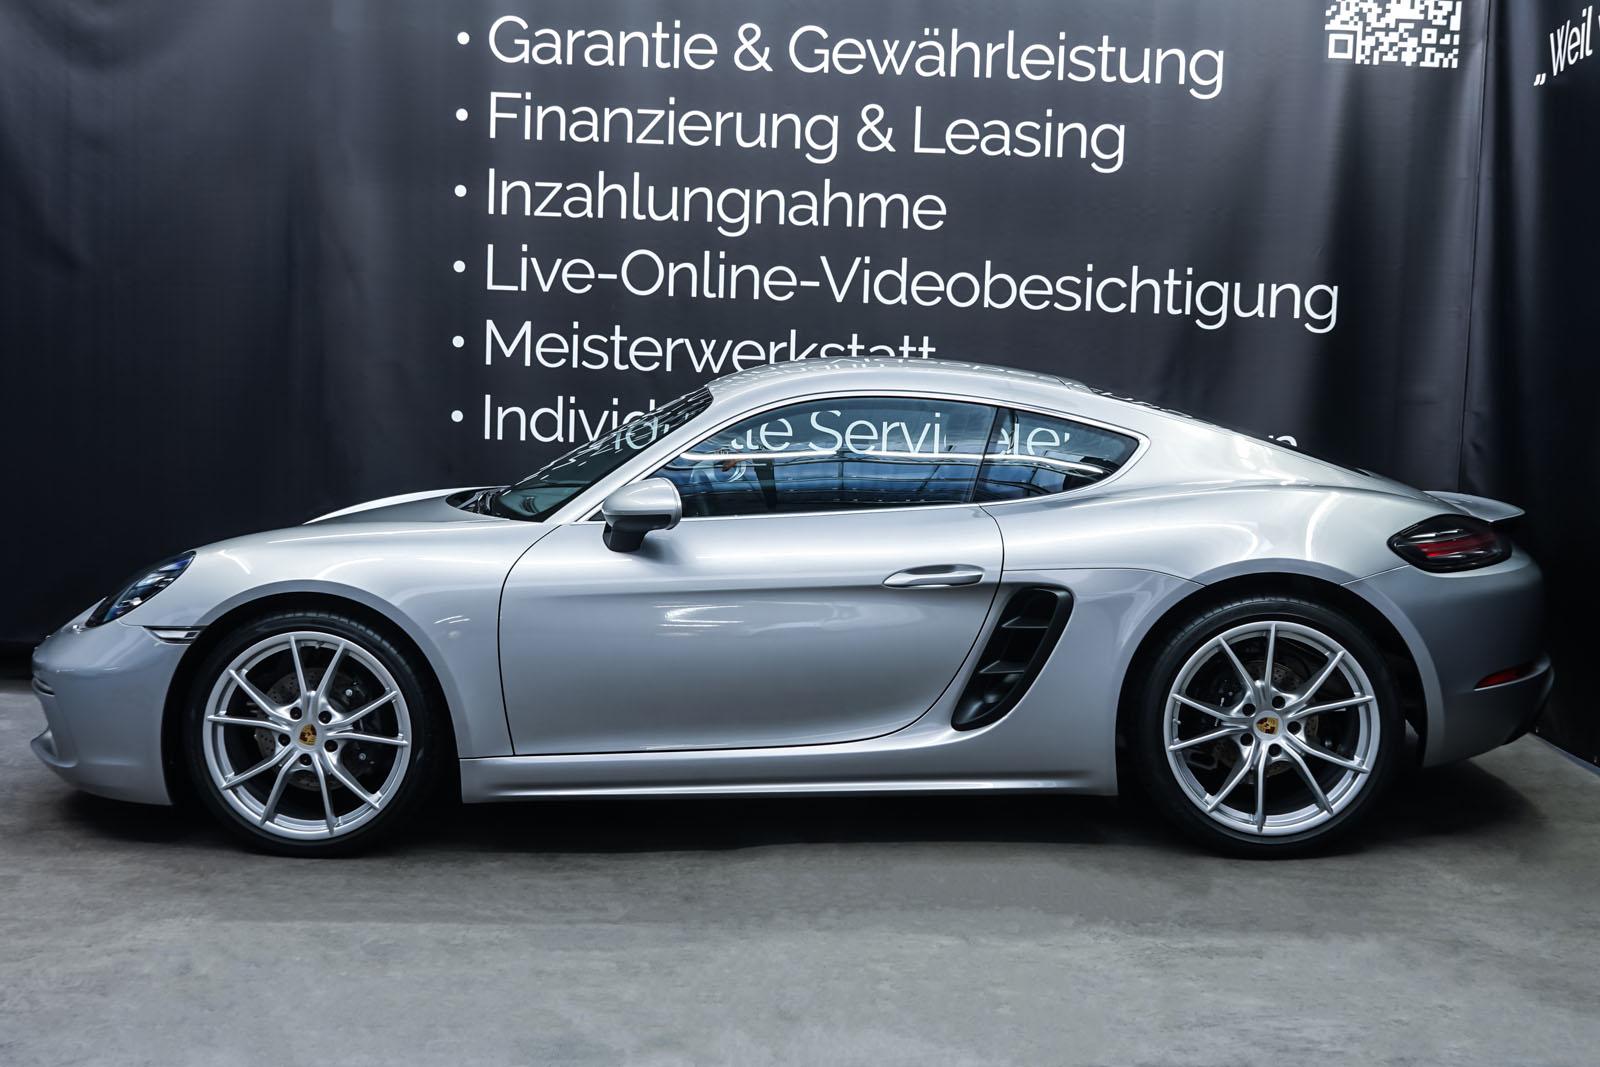 Porsche_718_Cayman_Silber_Schwarz_POR-0223_5_w